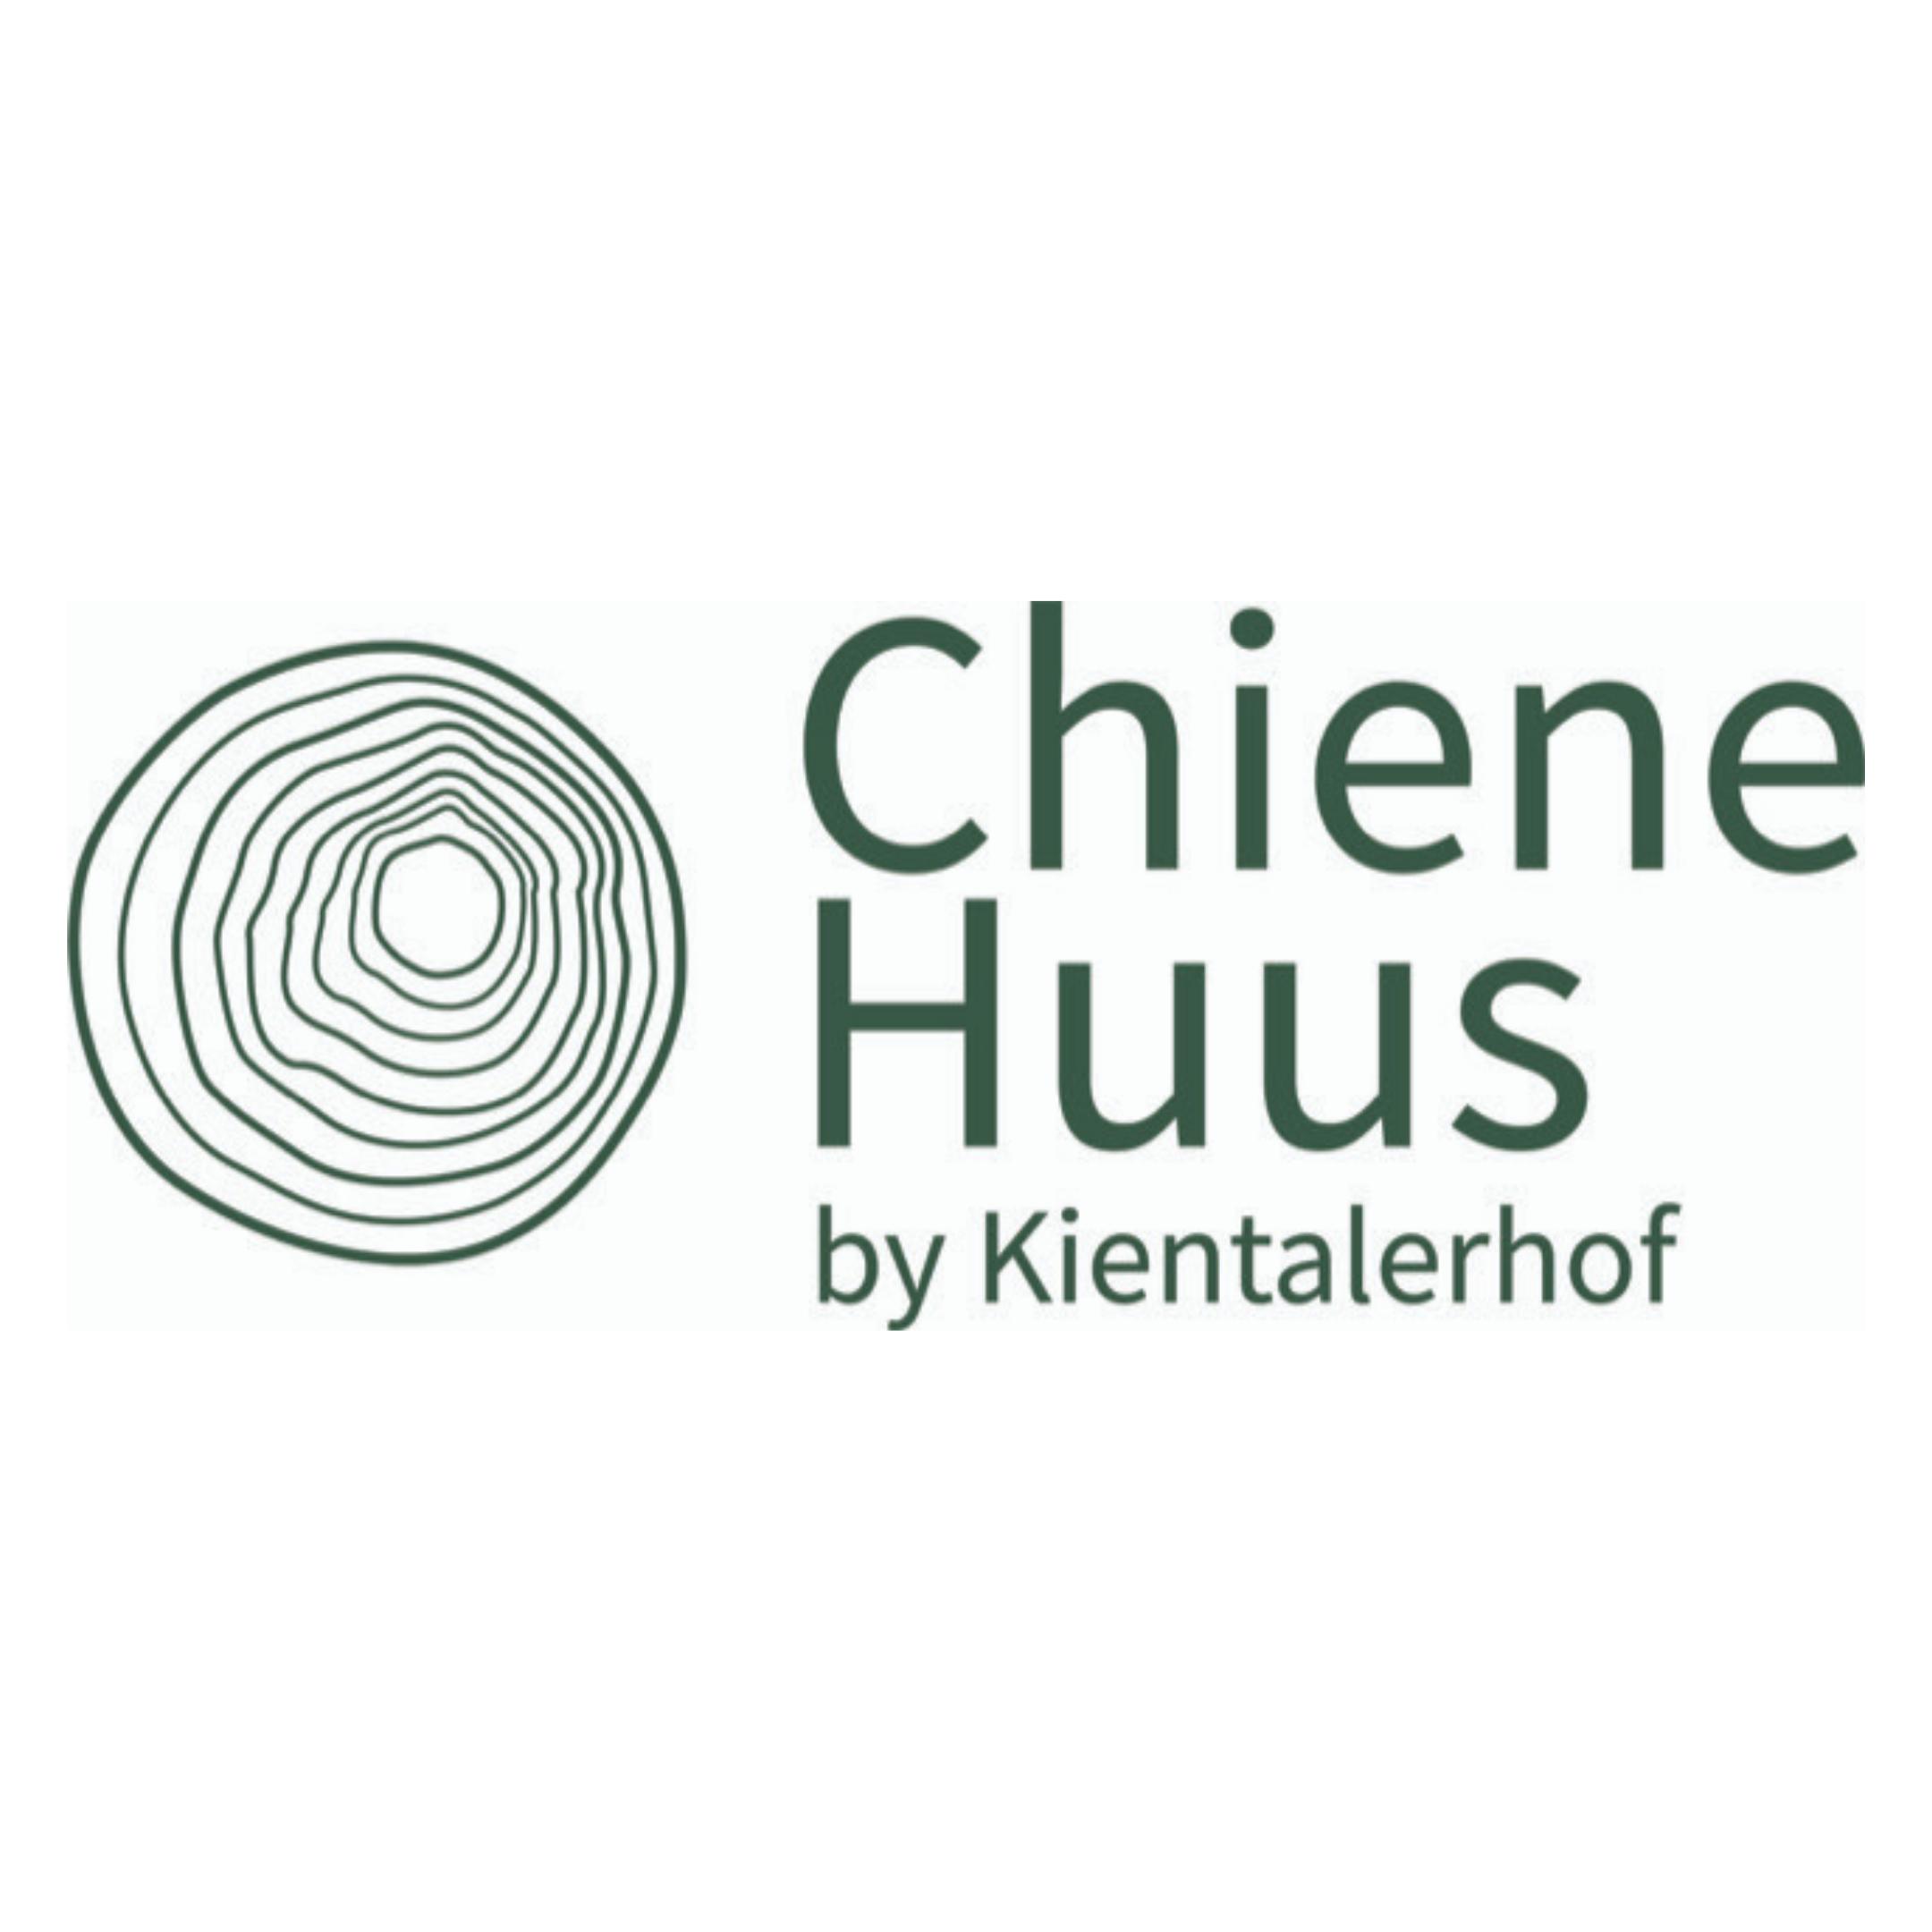 ChieneHuus